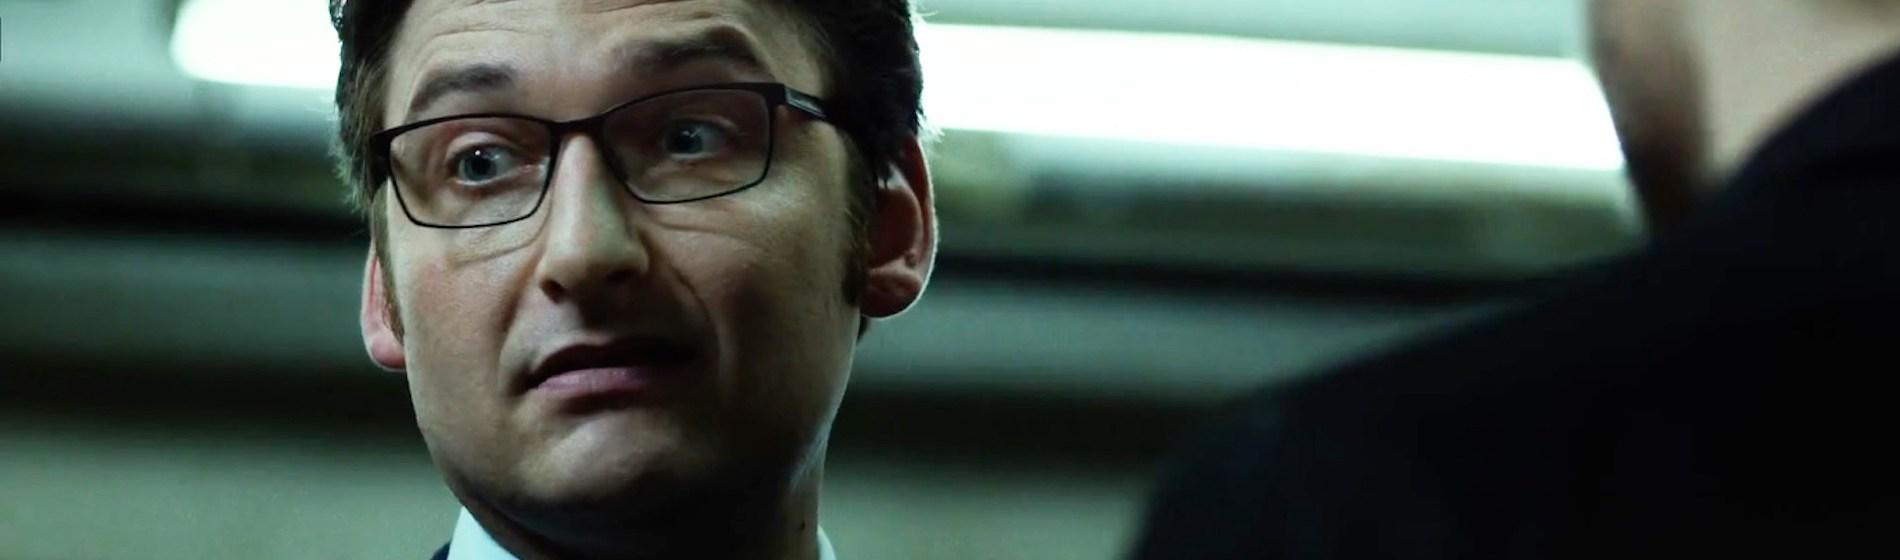 Daredevil Glasses Magnoli